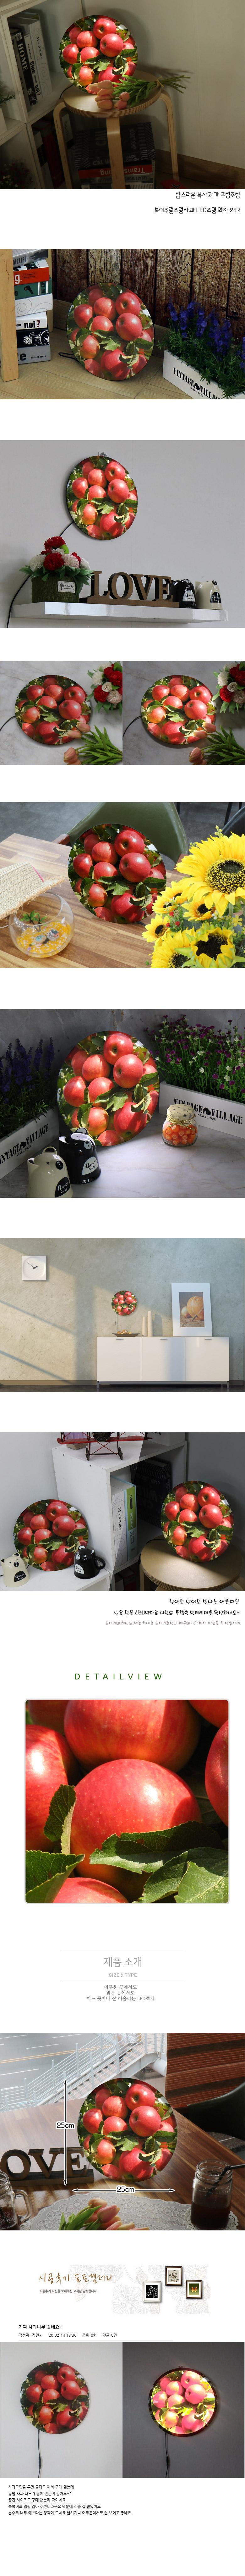 LED액자25R_복이주렁주렁사과 - 꾸밈, 48,000원, 포인트조명, 터치조명